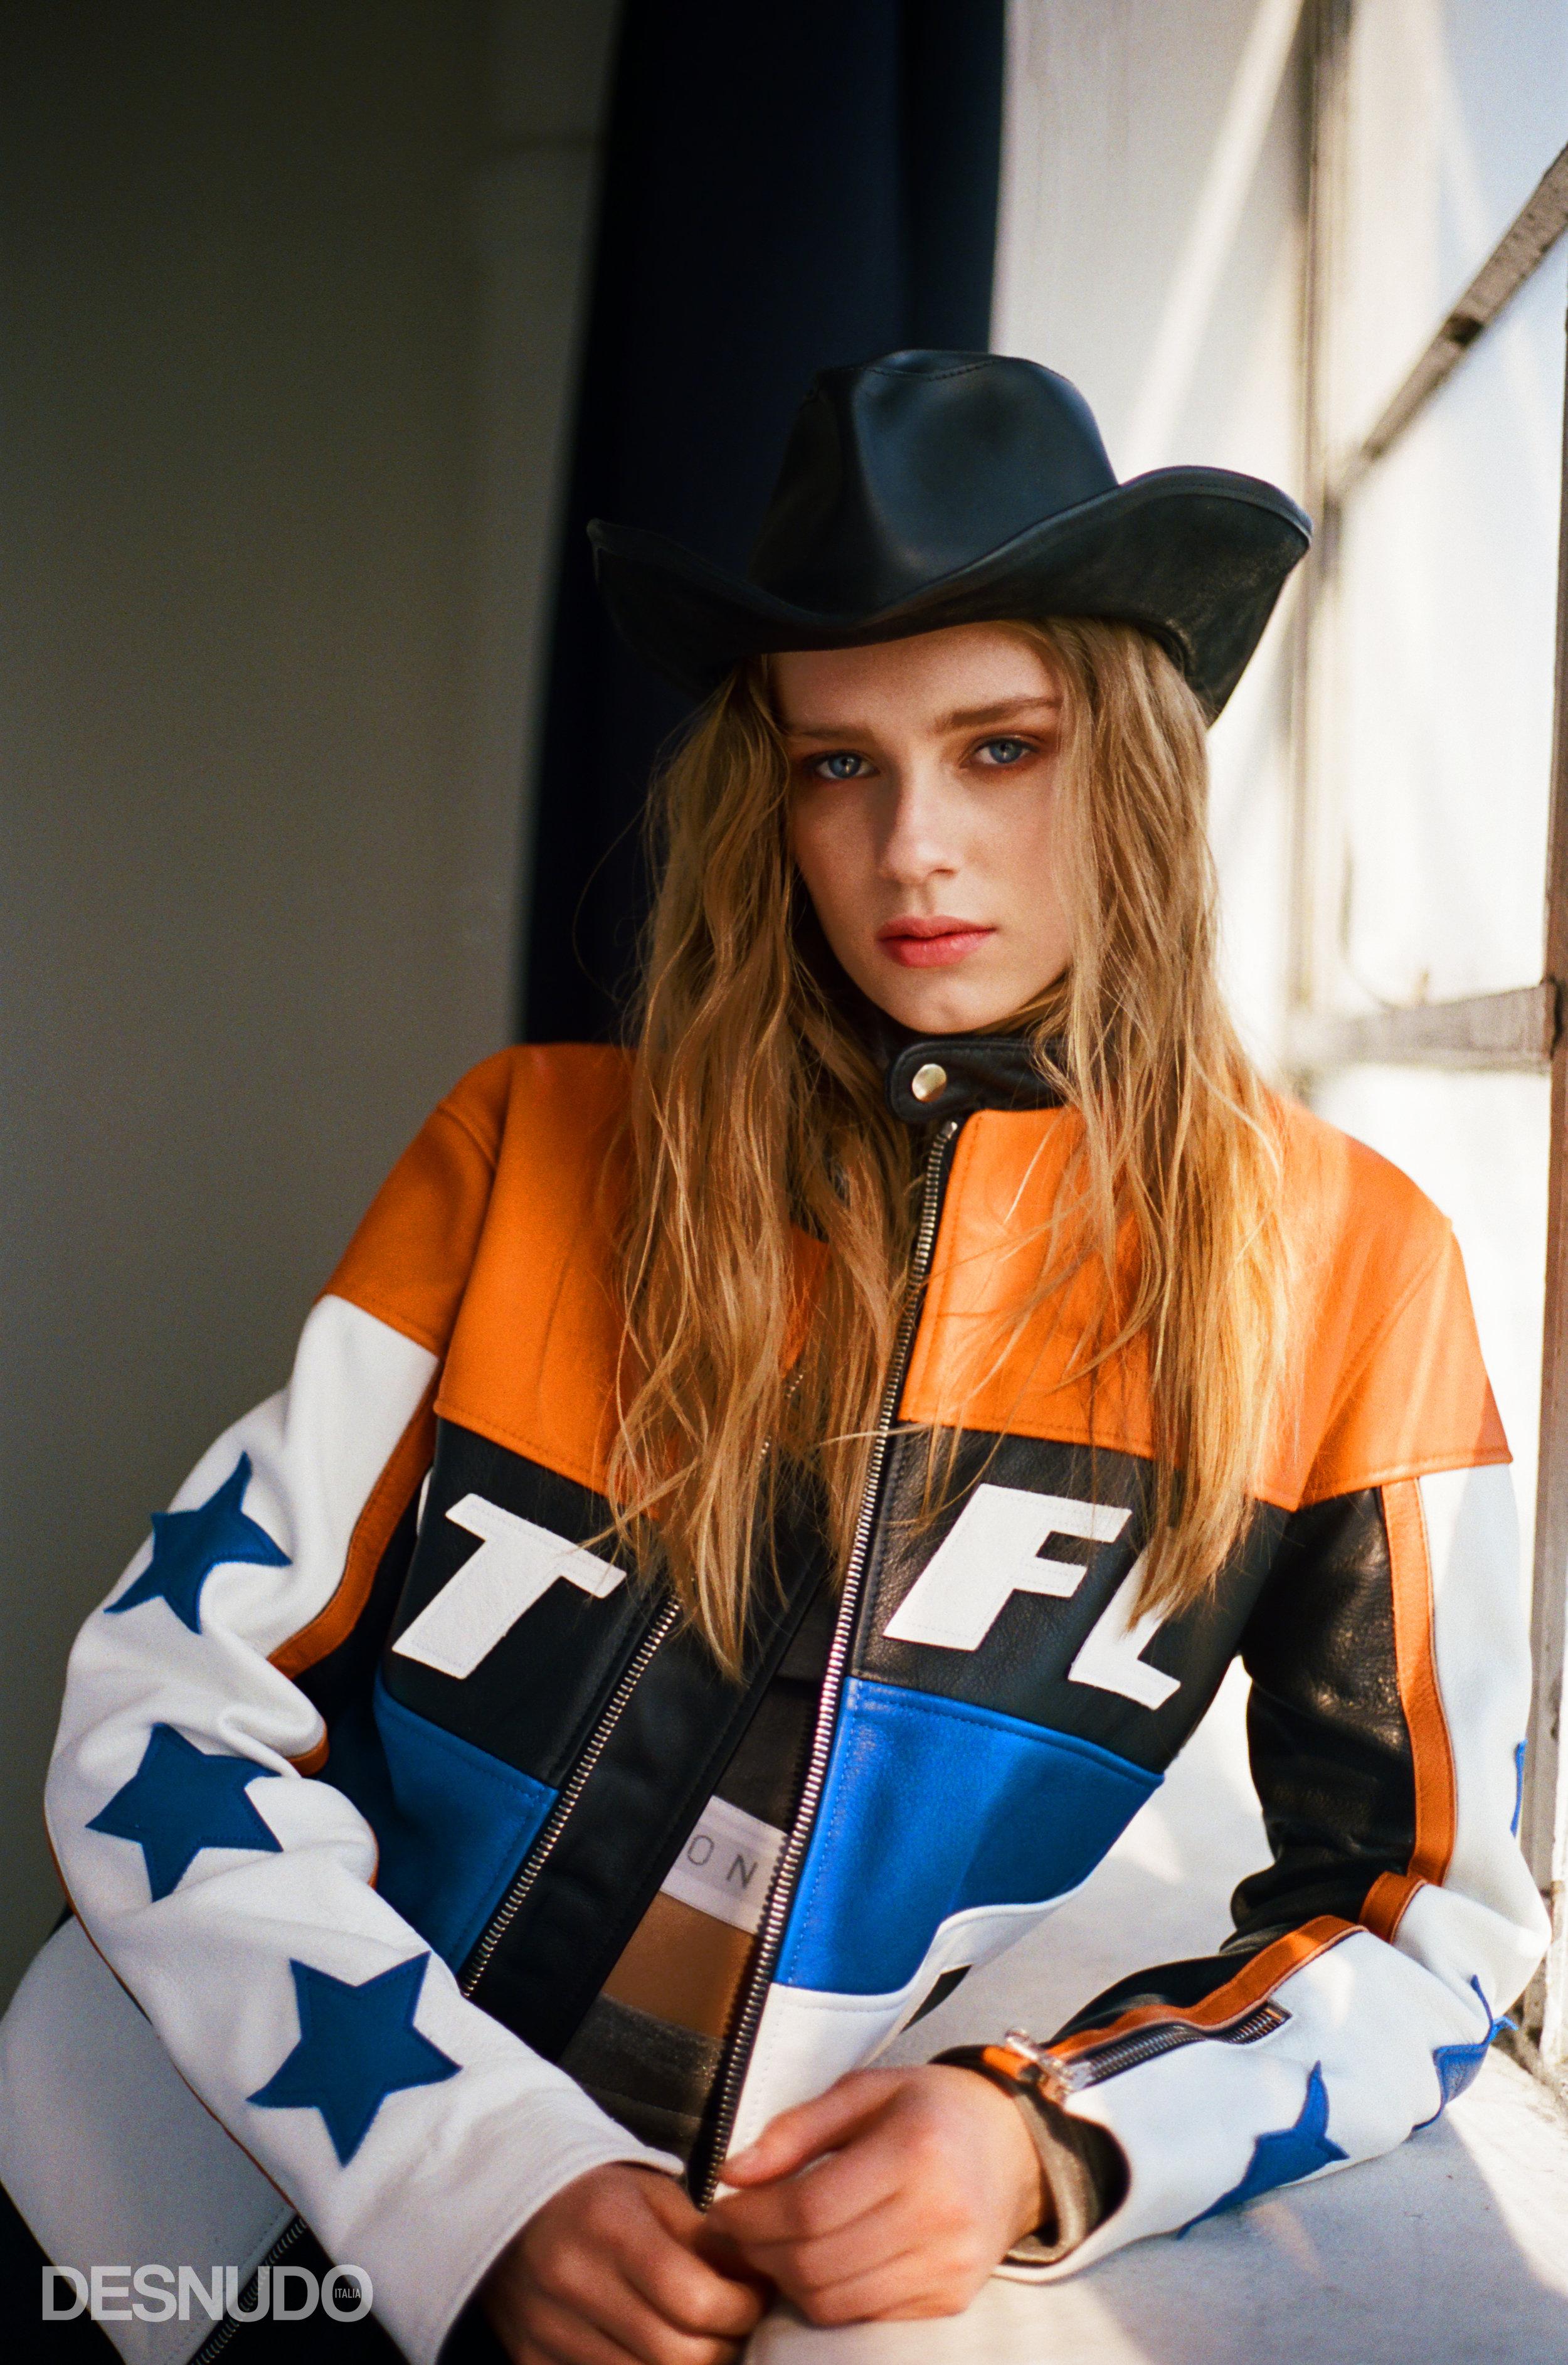 top ginnico e legging corti  MARCELL VON BERLIN , giacca in pelle da motociclista  BEAUTIFUL FÜL , cappello da cowboy in pelle  VINTAGE